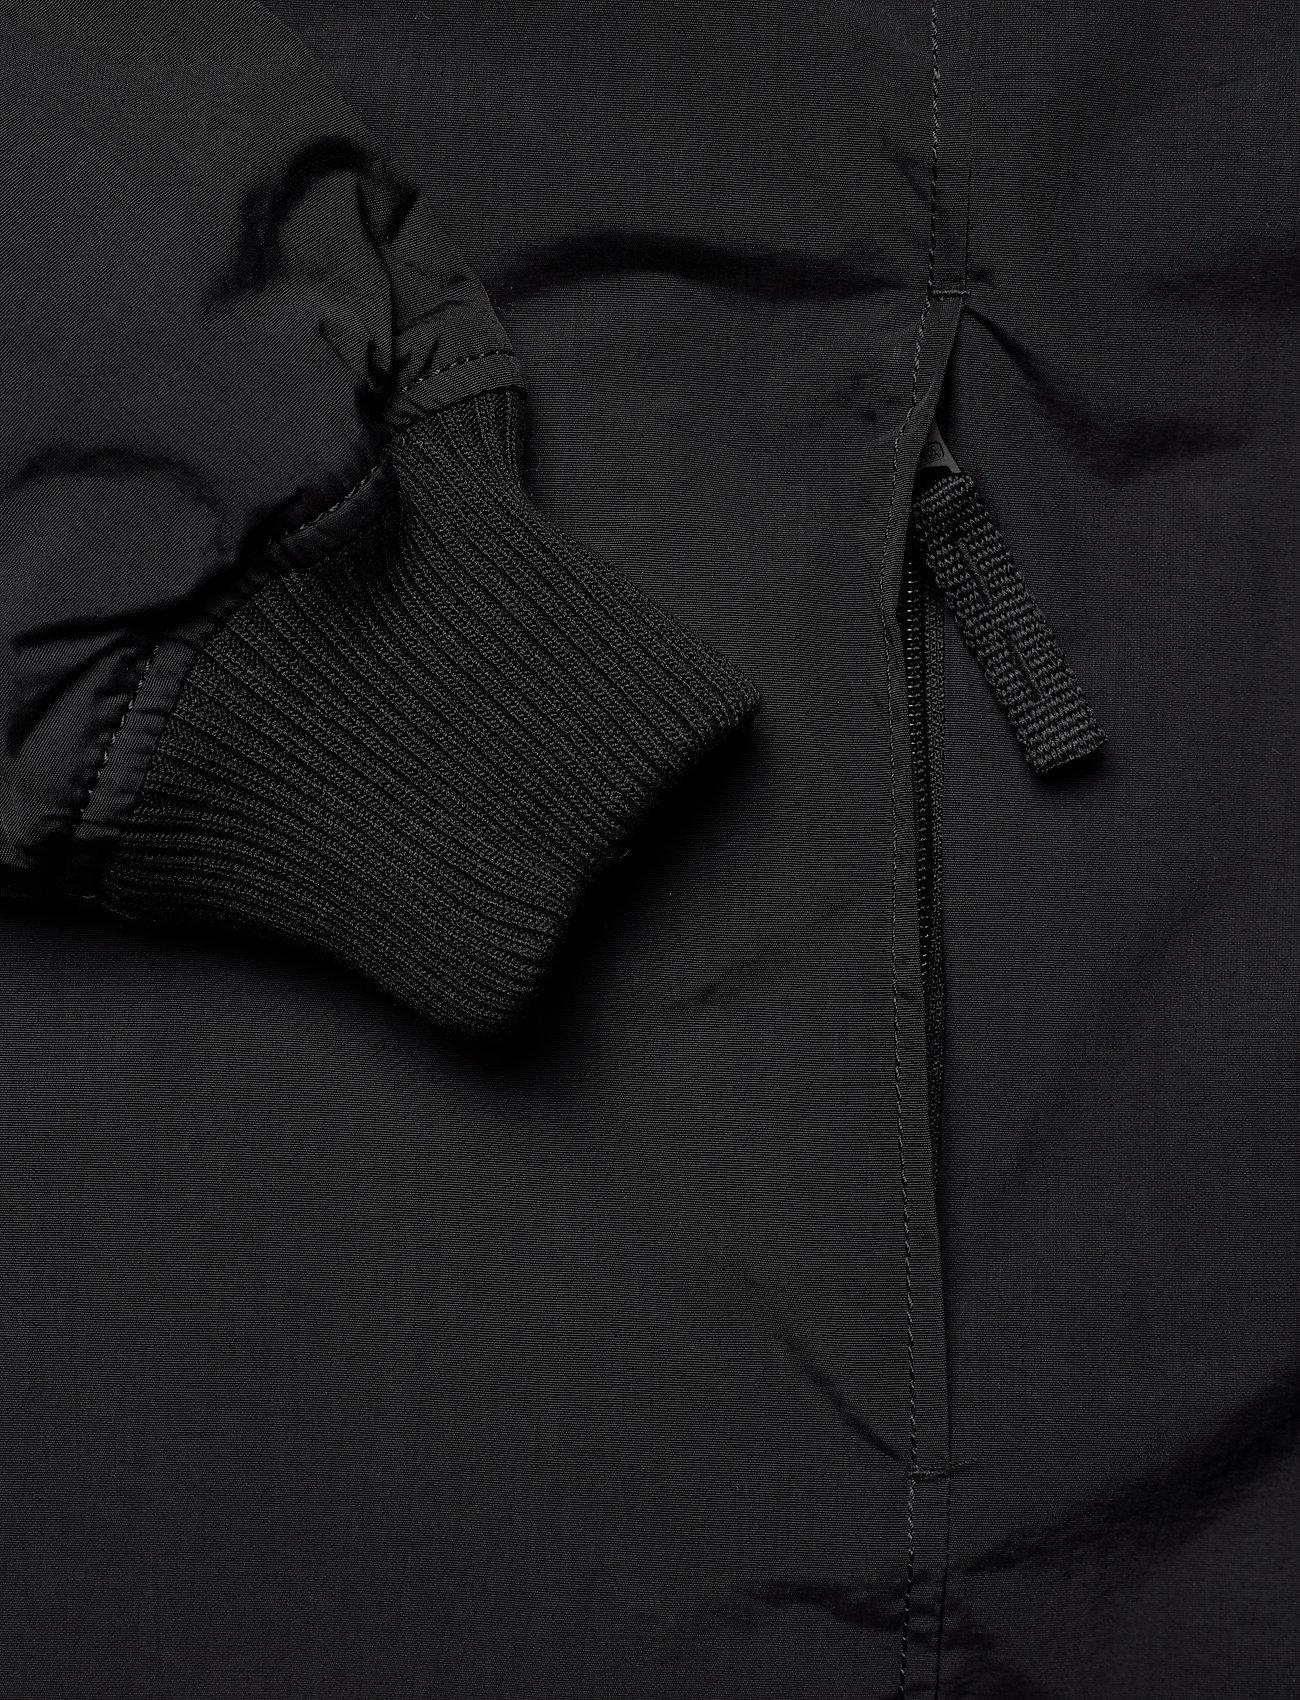 Alpha Industries WP Anorak - Jakker og frakker BLACK - Menn Klær